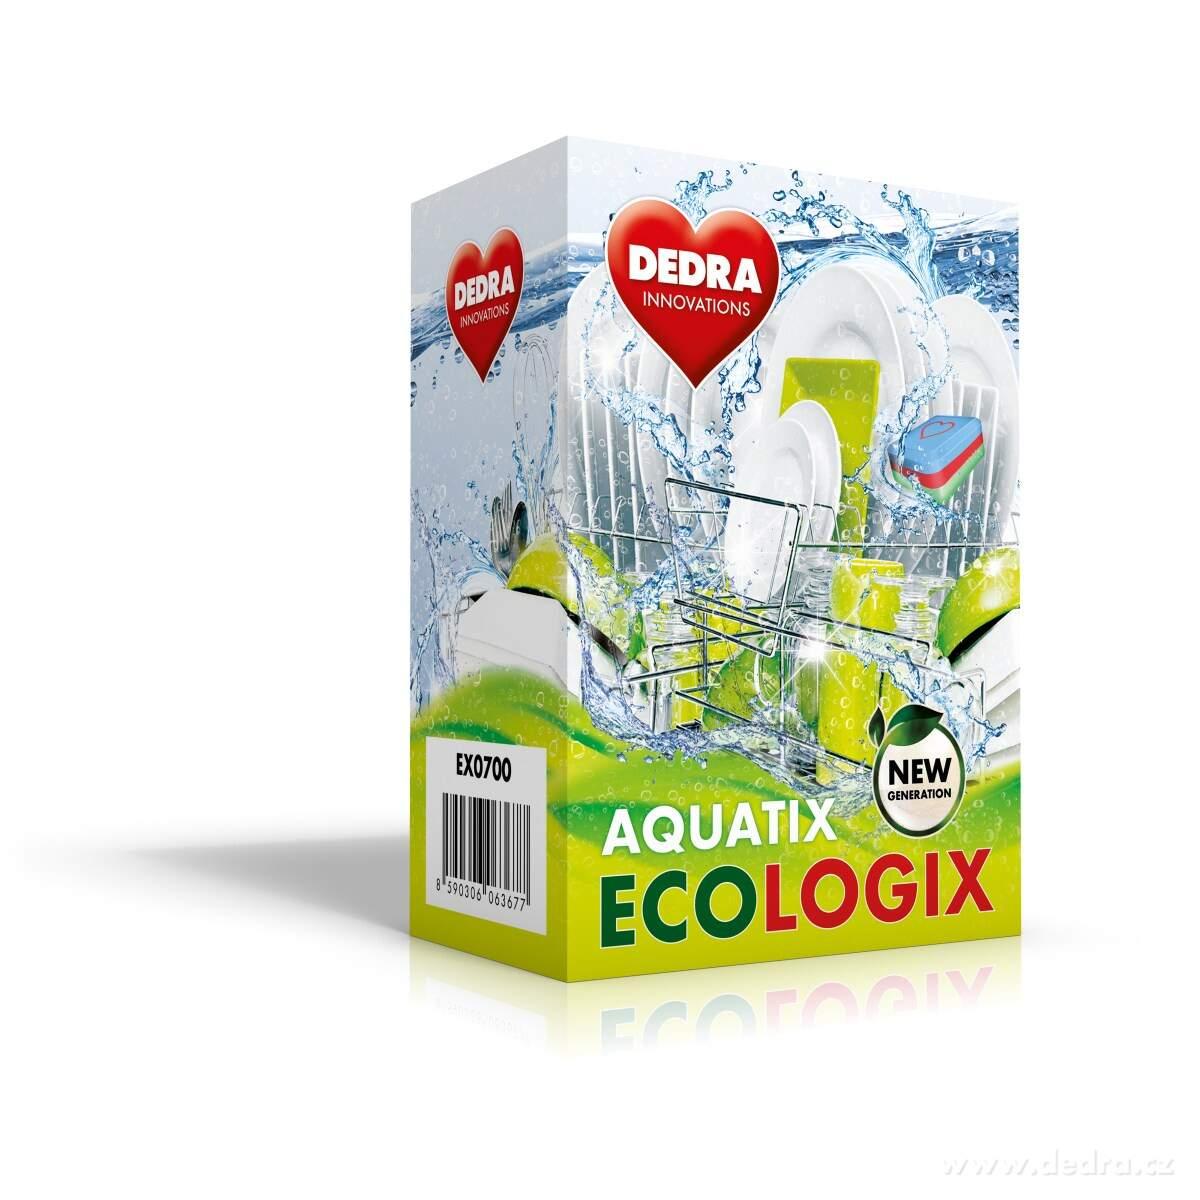 AQUATIX-ECOLOGIX- wielofunkcyjne-tabletki do-zmywarki